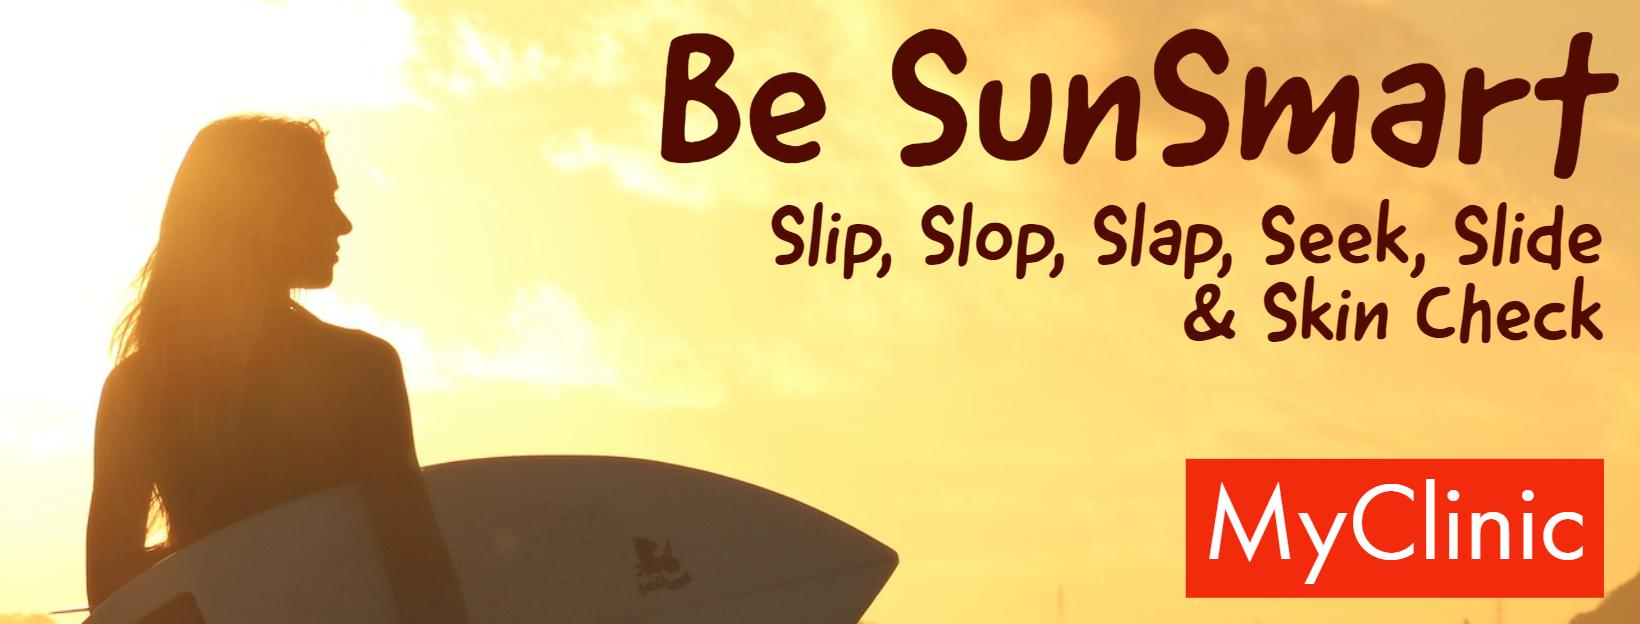 BE SUNSMART